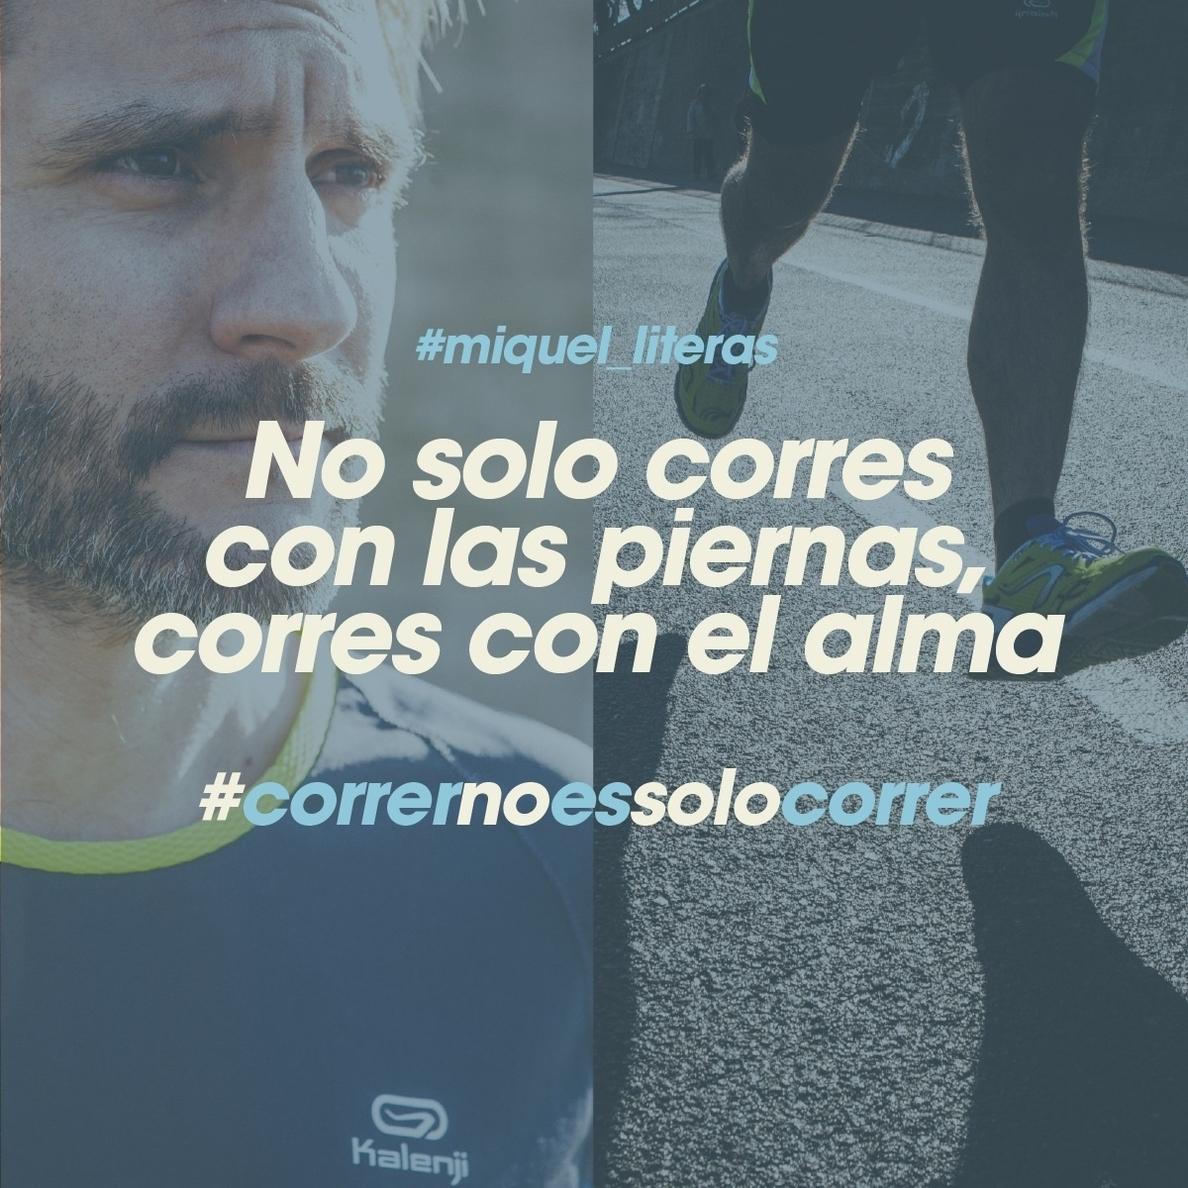 Decathlon lanza la campaña #corrernoessolocorrer por su Operación Running